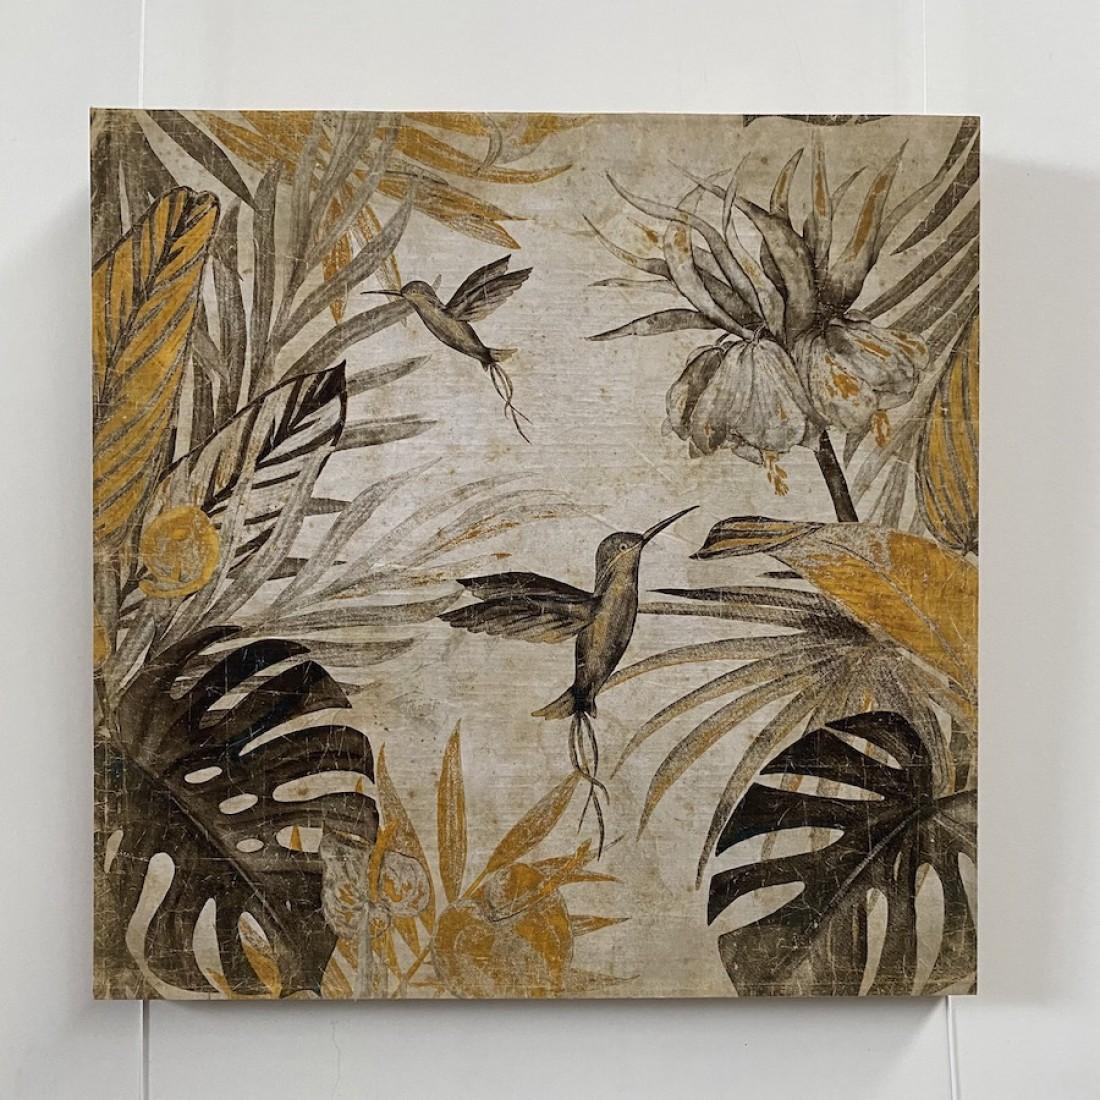 Tableau aux colibris butinant - papier froissé marouflé sur cadre bois